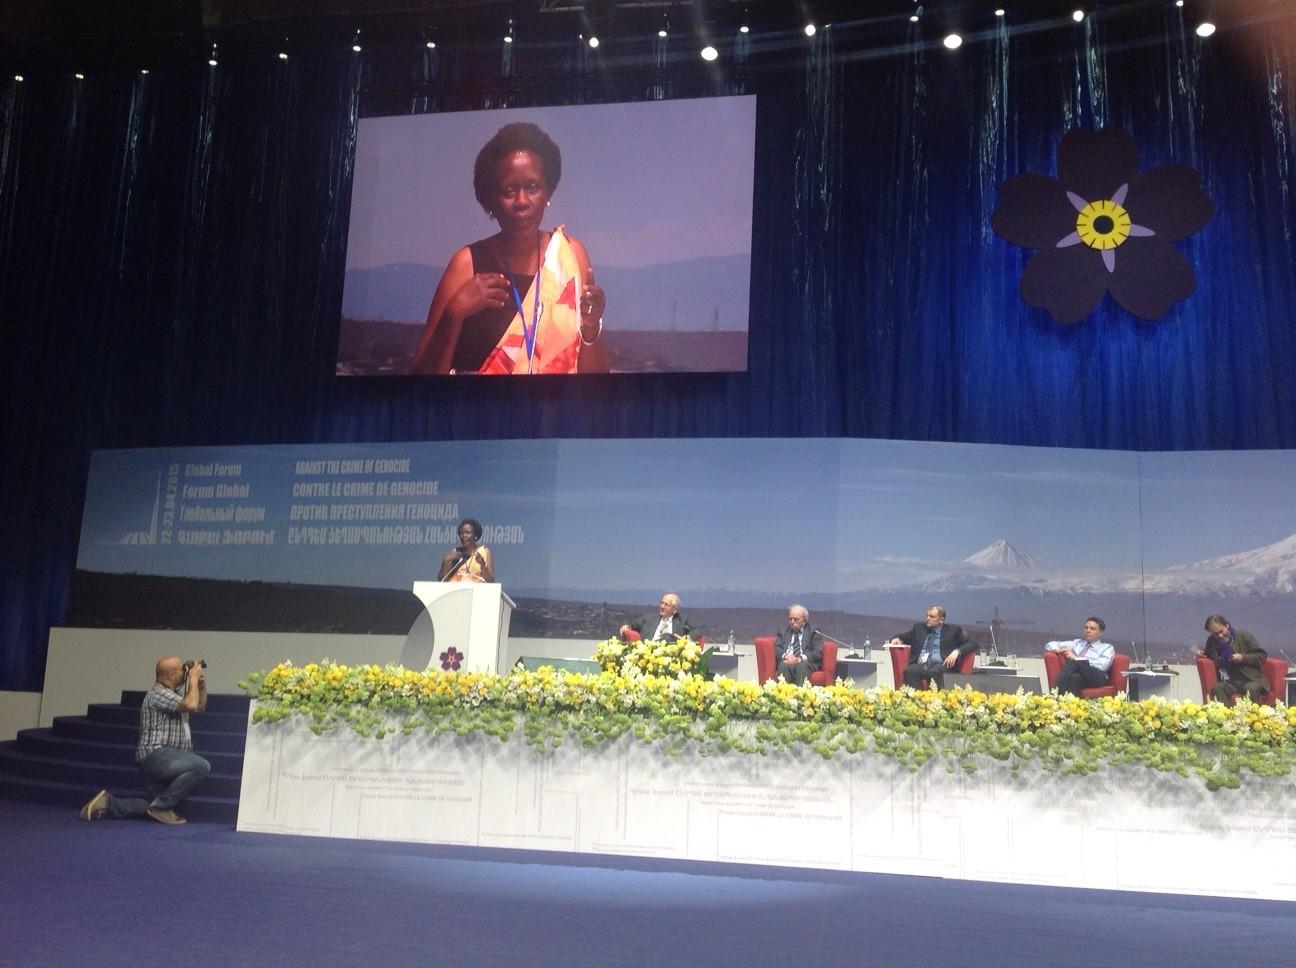 Referat von Esther Mujavayo (Ruanda) über die Folgen eines Völkermordes